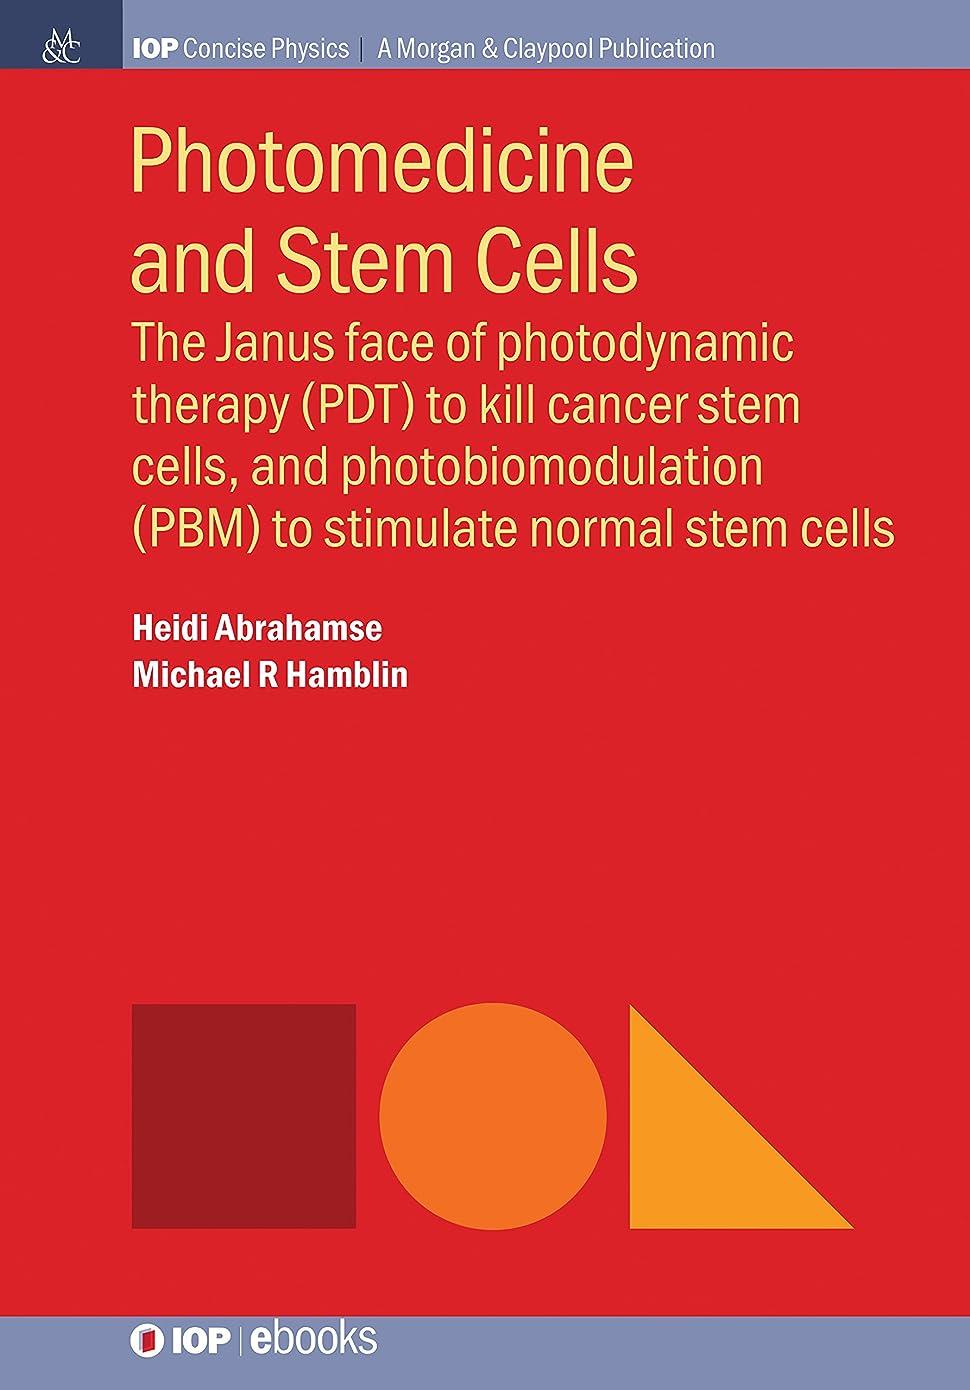 キャリアラブ分子Photomedicine and Stem Cells: The Janus face of photodynamic therapy (PDT) to kill cancer stem cells, and photobiomodulation (PBM) to stimulate normal ... (IOP Concise Physics) (English Edition)